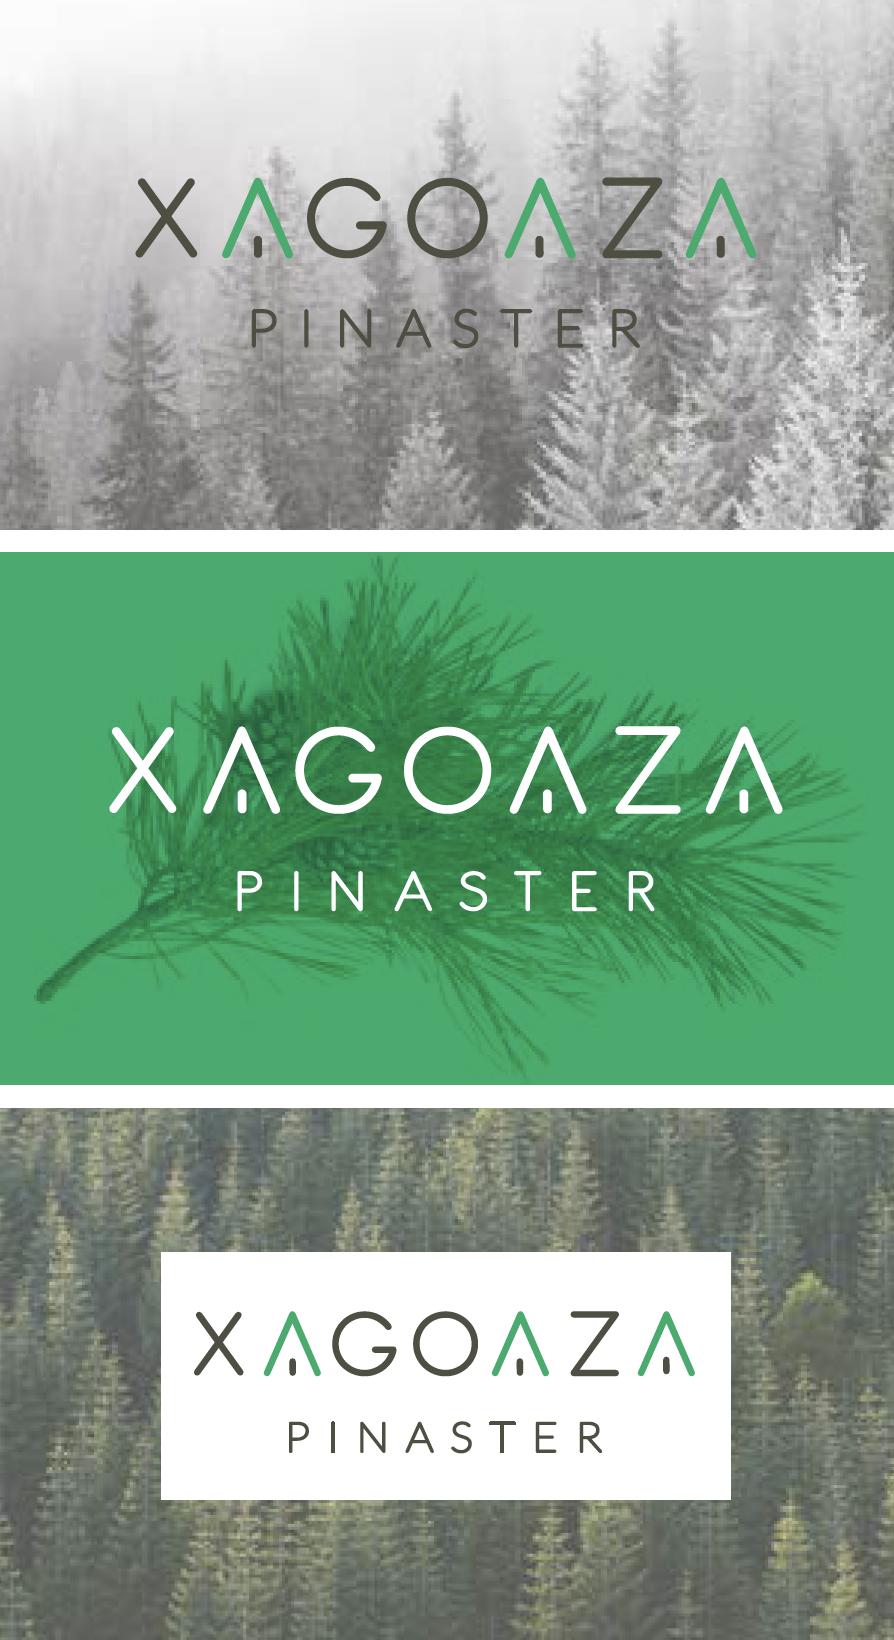 Logo Xagoaza Pinaster contratipo y sobre imagen logotipos pegadizos